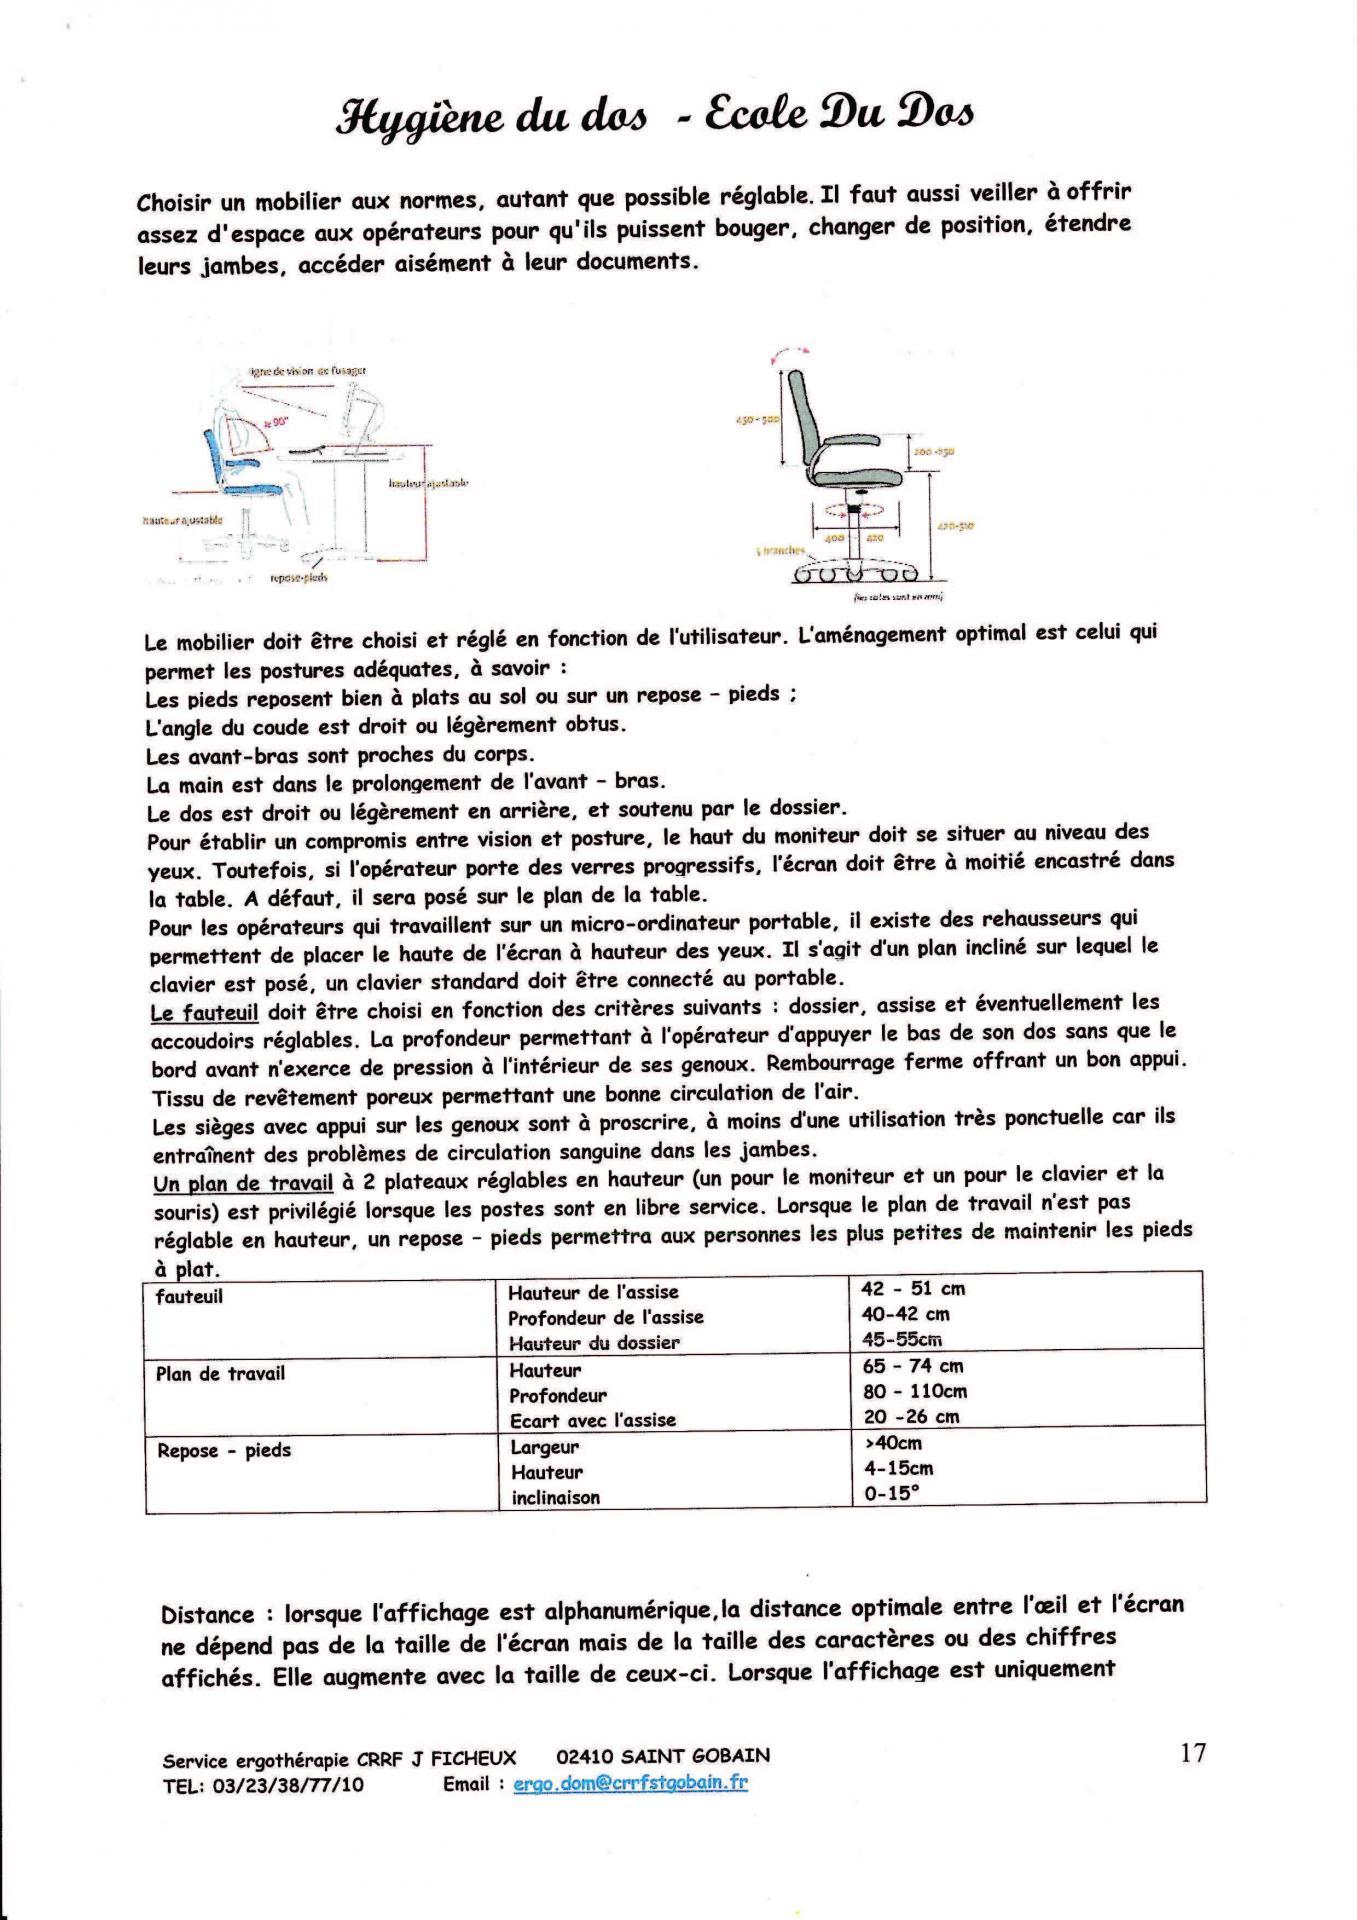 Ecole du dos pdfbis page 17